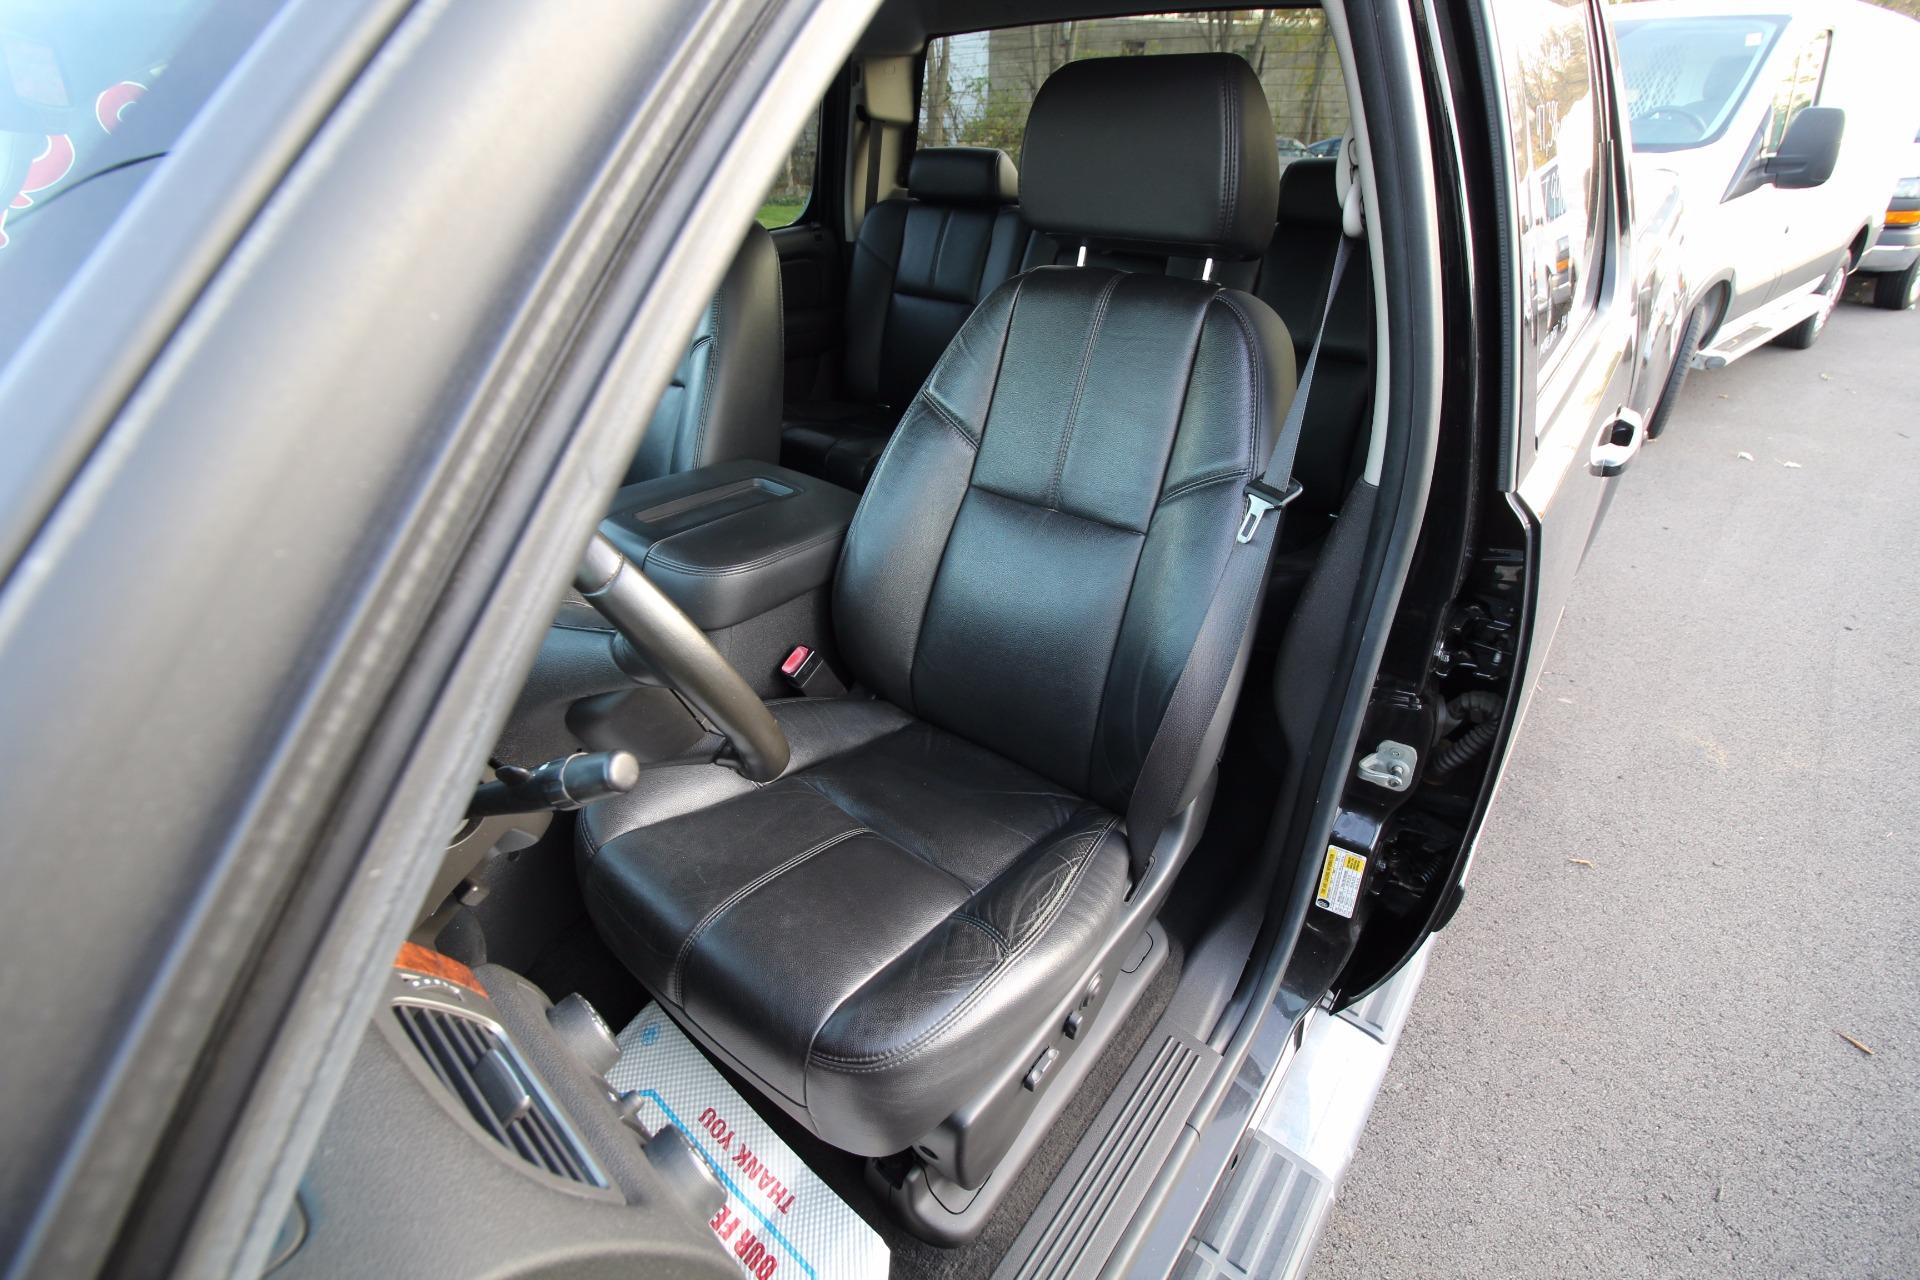 used 2007 Chevrolet Silverado 1500 LTZ Crew Cab 4WD | Albany, NY